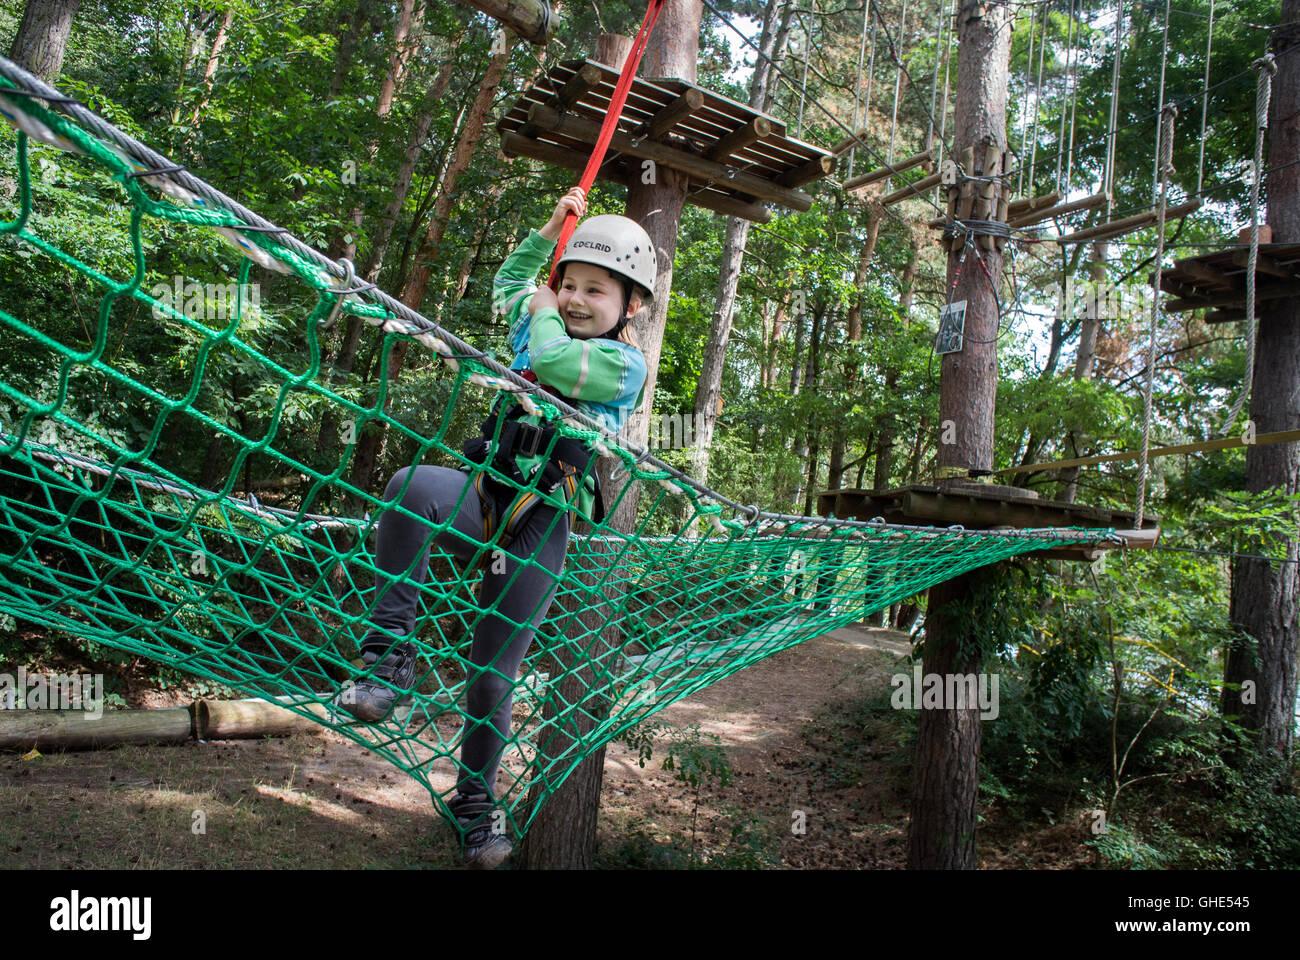 Junges Mädchen eine Treetop Adventure Park in Deutschland. Stockbild